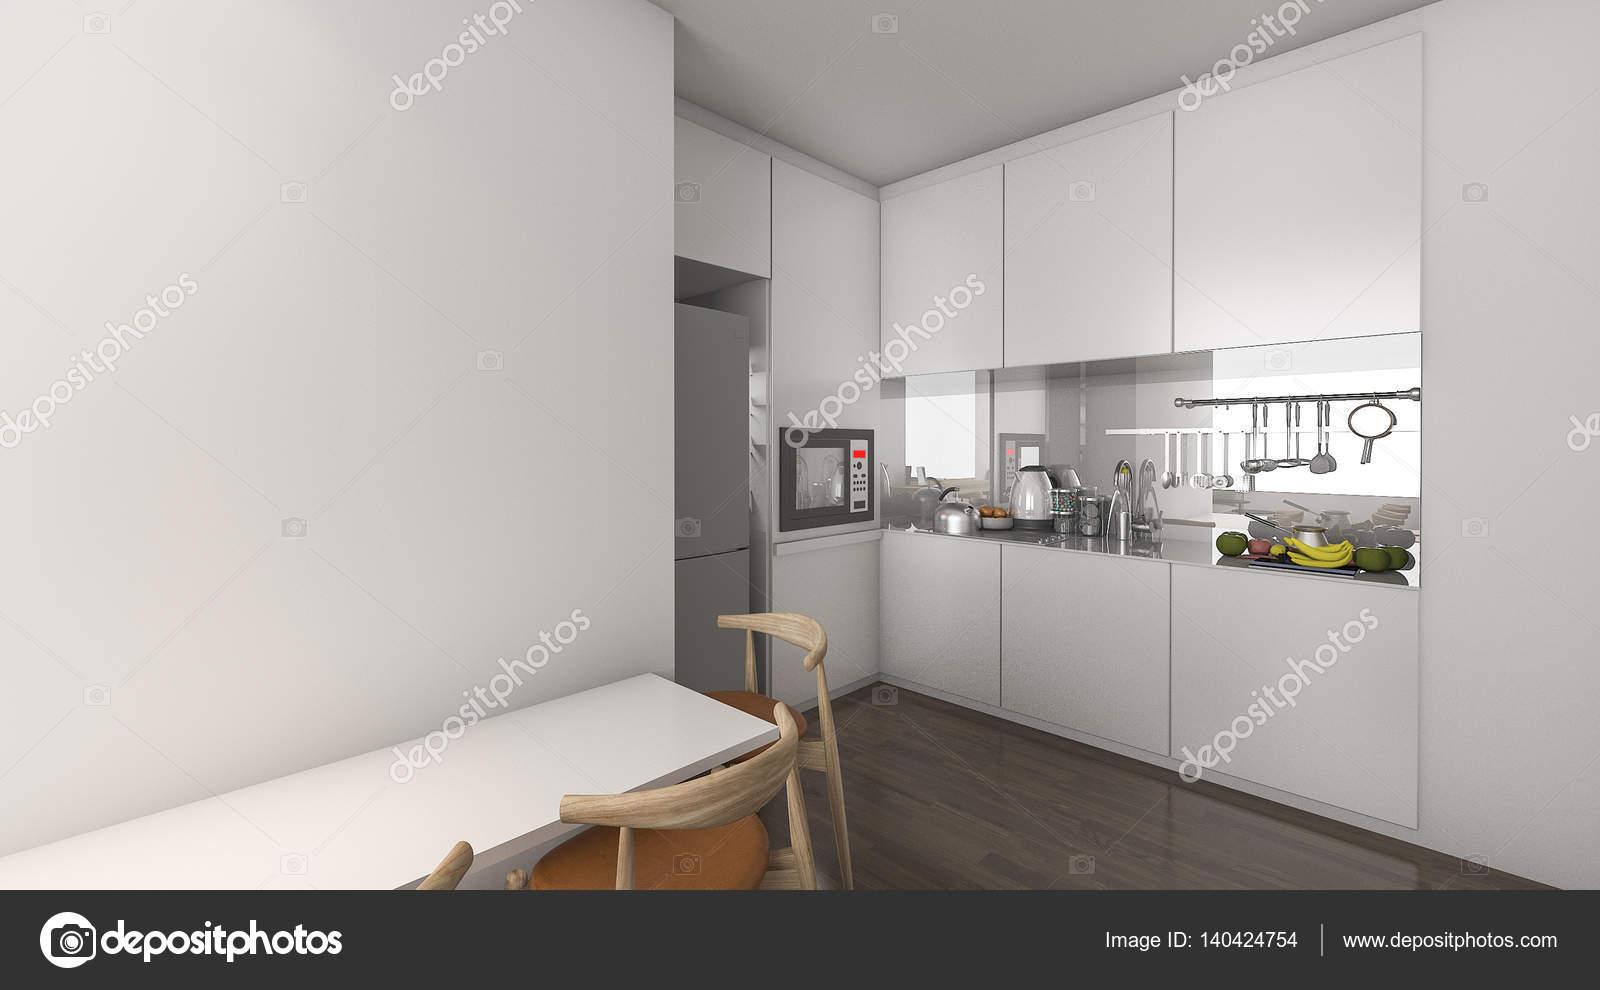 D rendering keuken in condominium idee met leuke decoratie